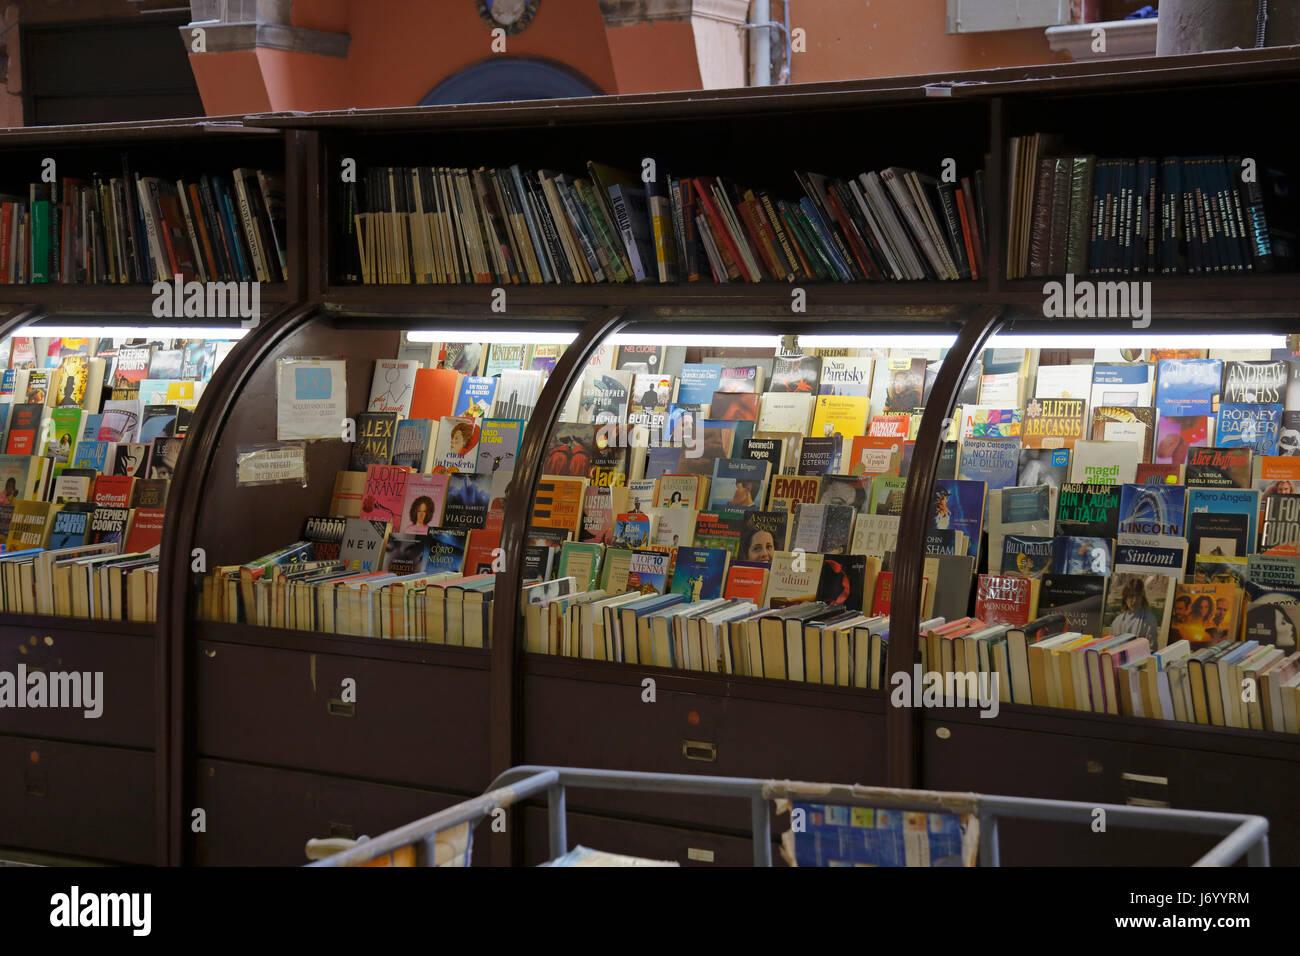 Secondhand books for sale at Libreria Nanni, Via Dè Musei, Bologna, Emilia-Romagna, Italy, Europe. - Stock Image